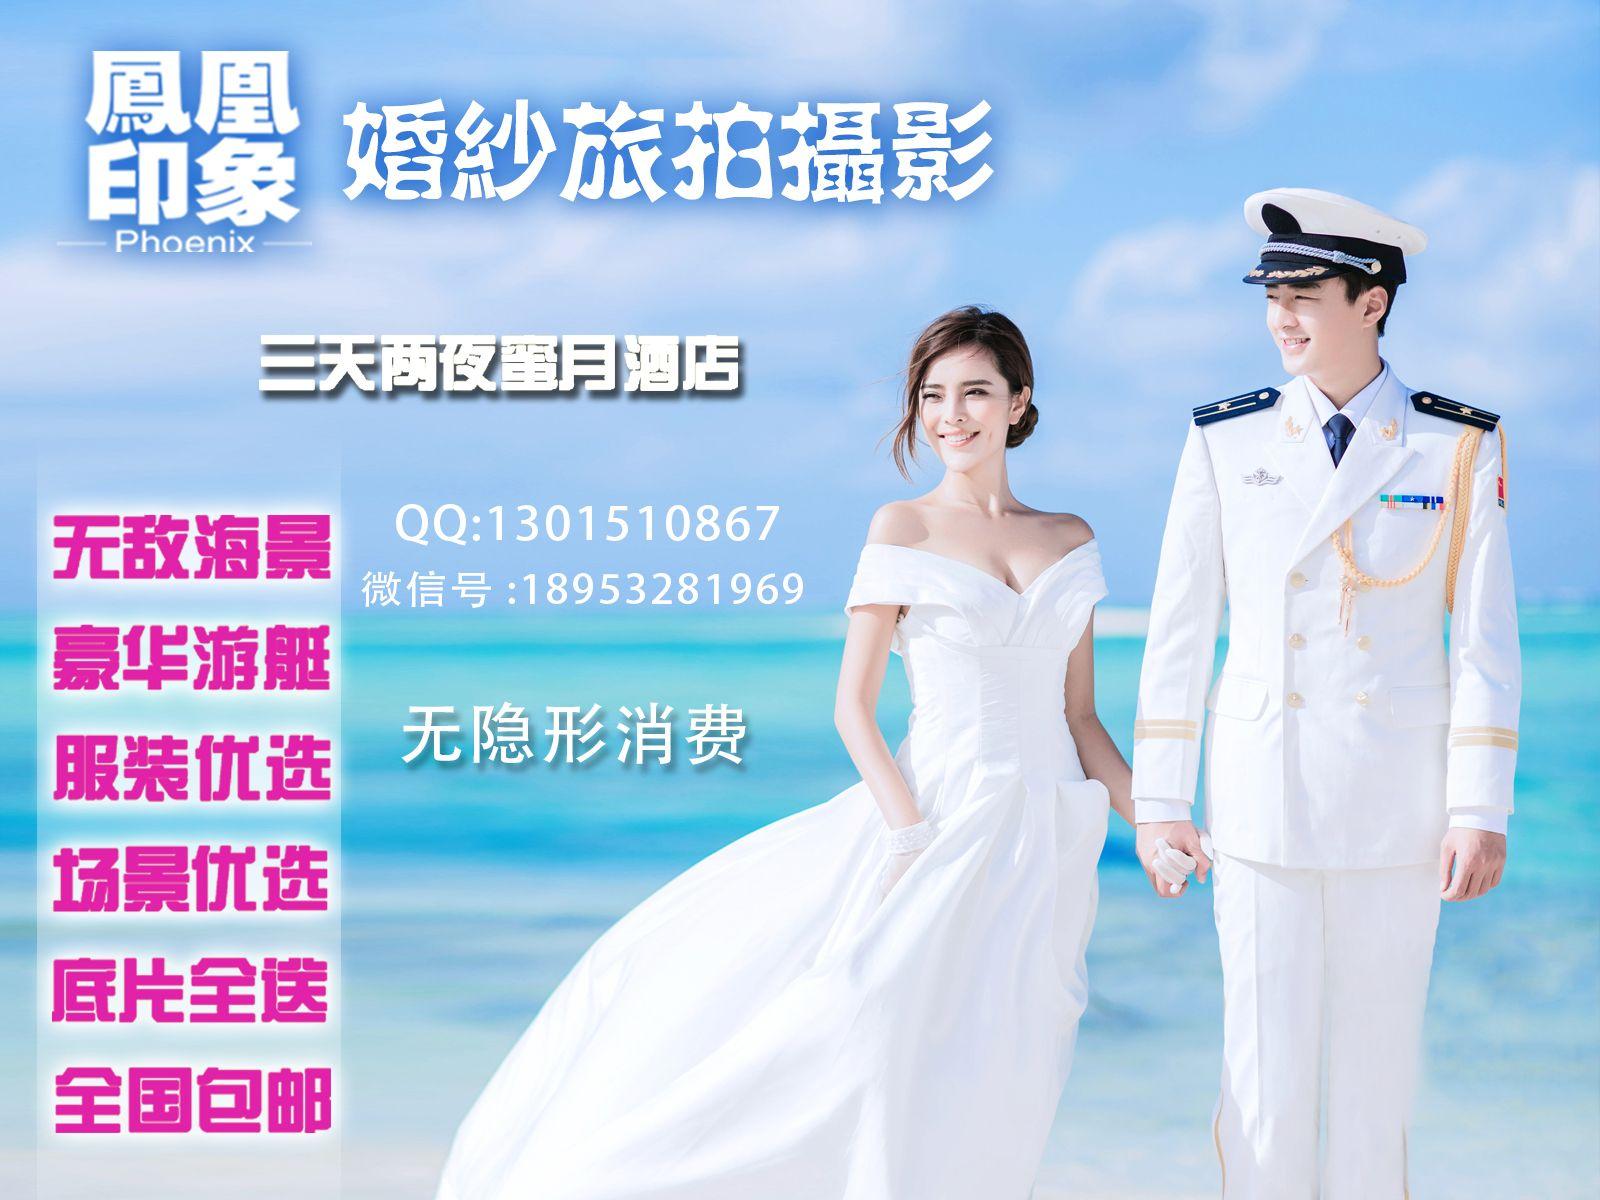 凤凰印象婚纱摄影